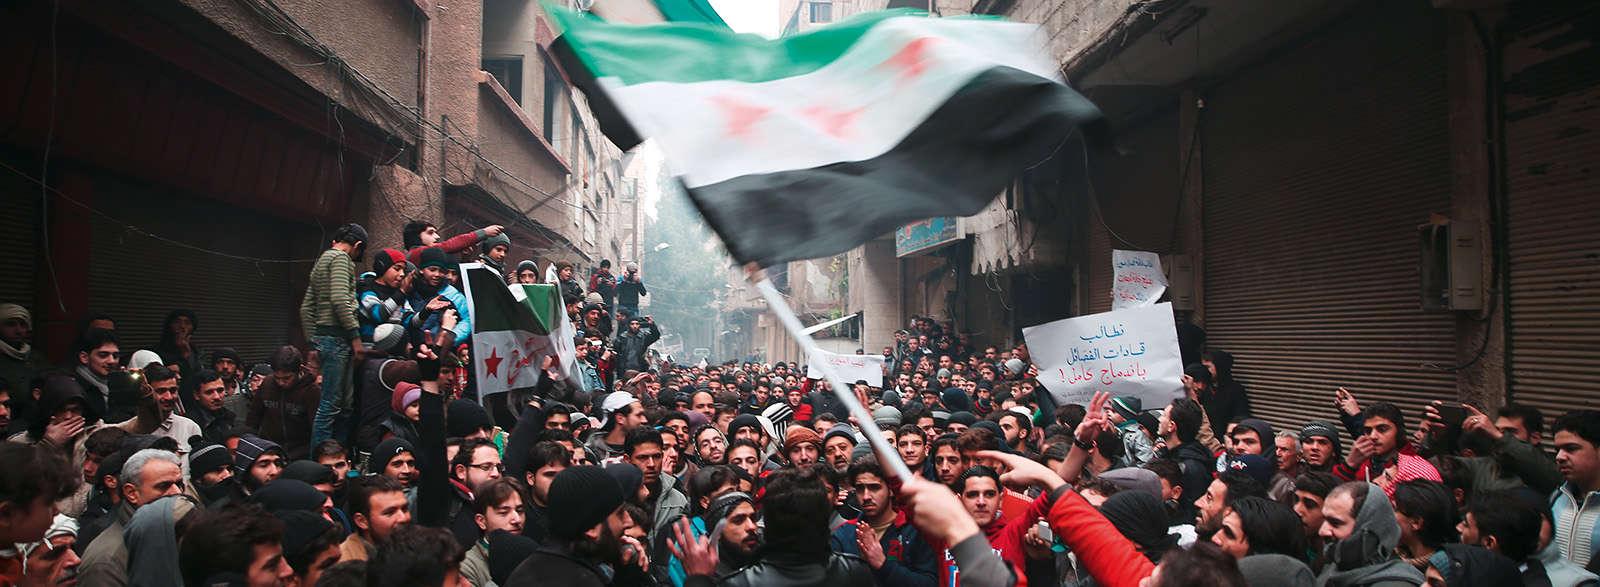 Les mille images de la guerre en Syrie